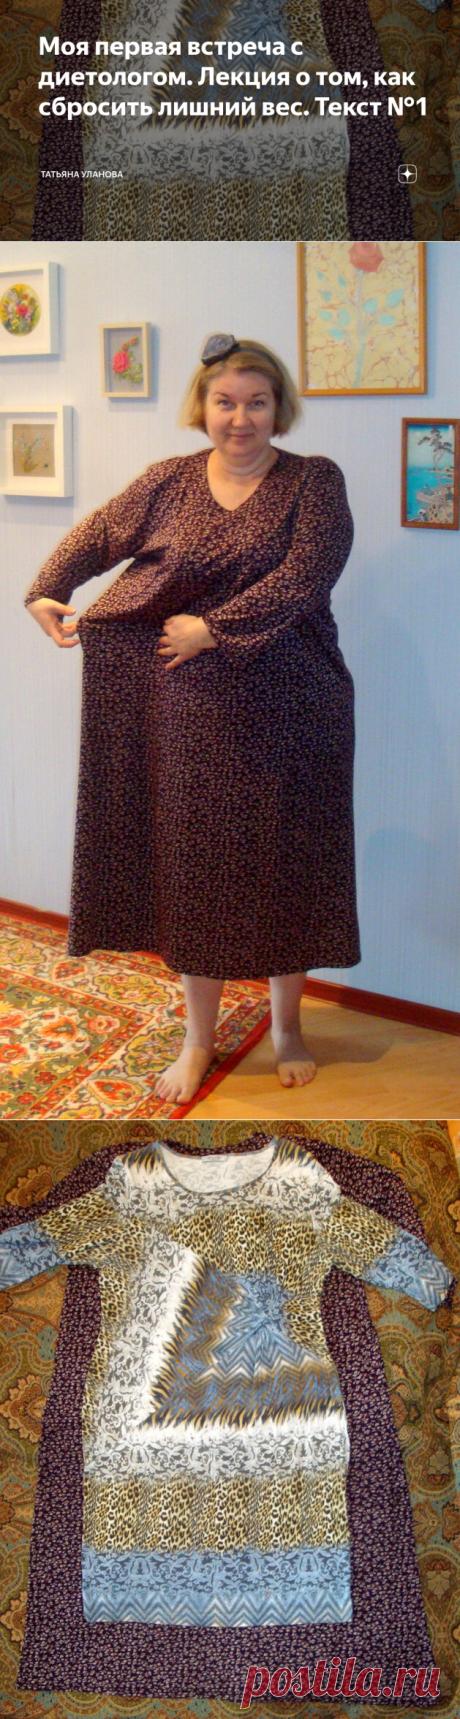 Моя первая встреча с диетологом. Лекция о том, как сбросить лишний вес. Текст №1 | Татьяна Уланова | Яндекс Дзен